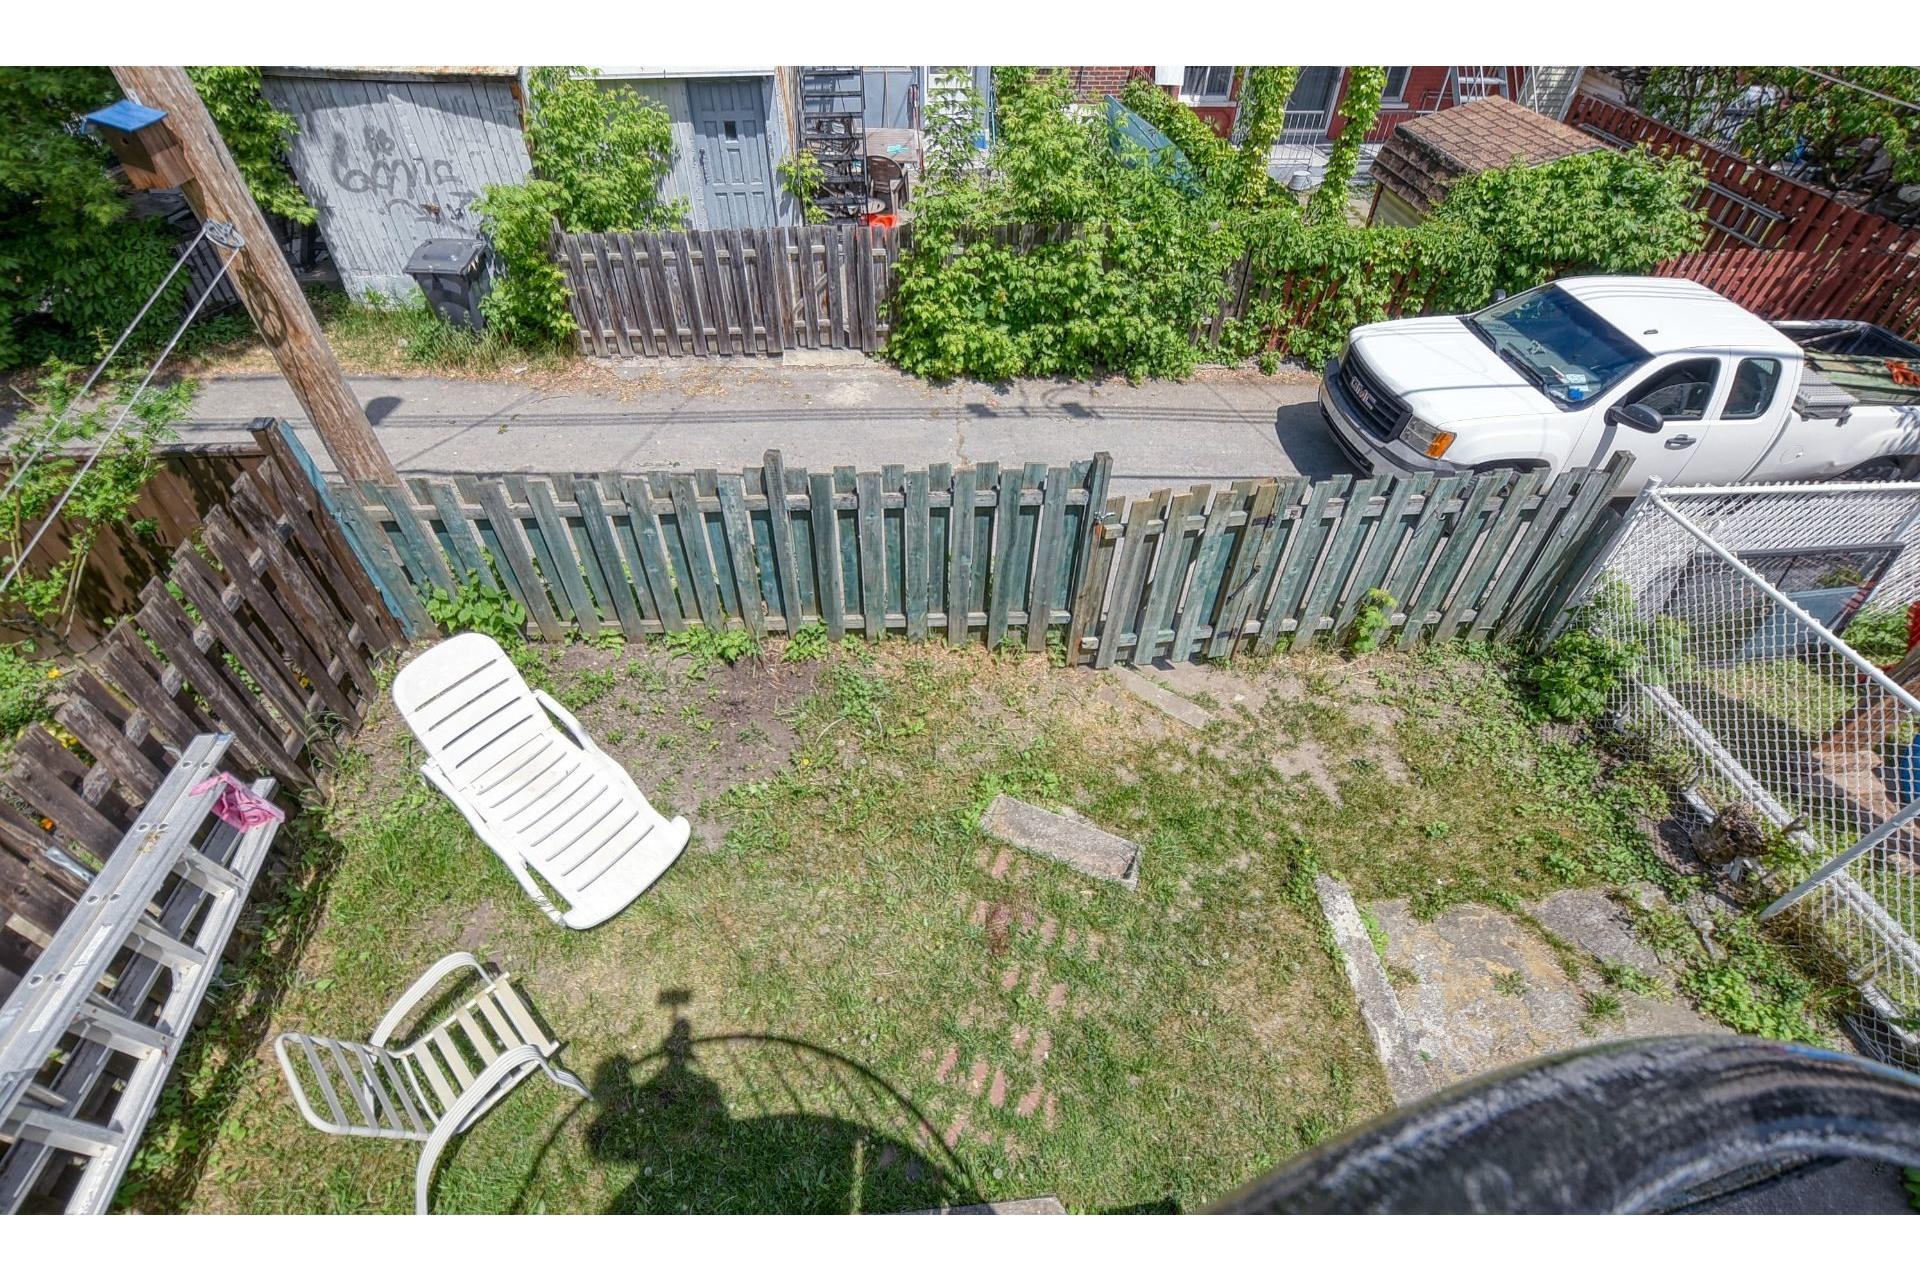 image 16 - Duplex À vendre Rosemont/La Petite-Patrie Montréal  - 6 pièces